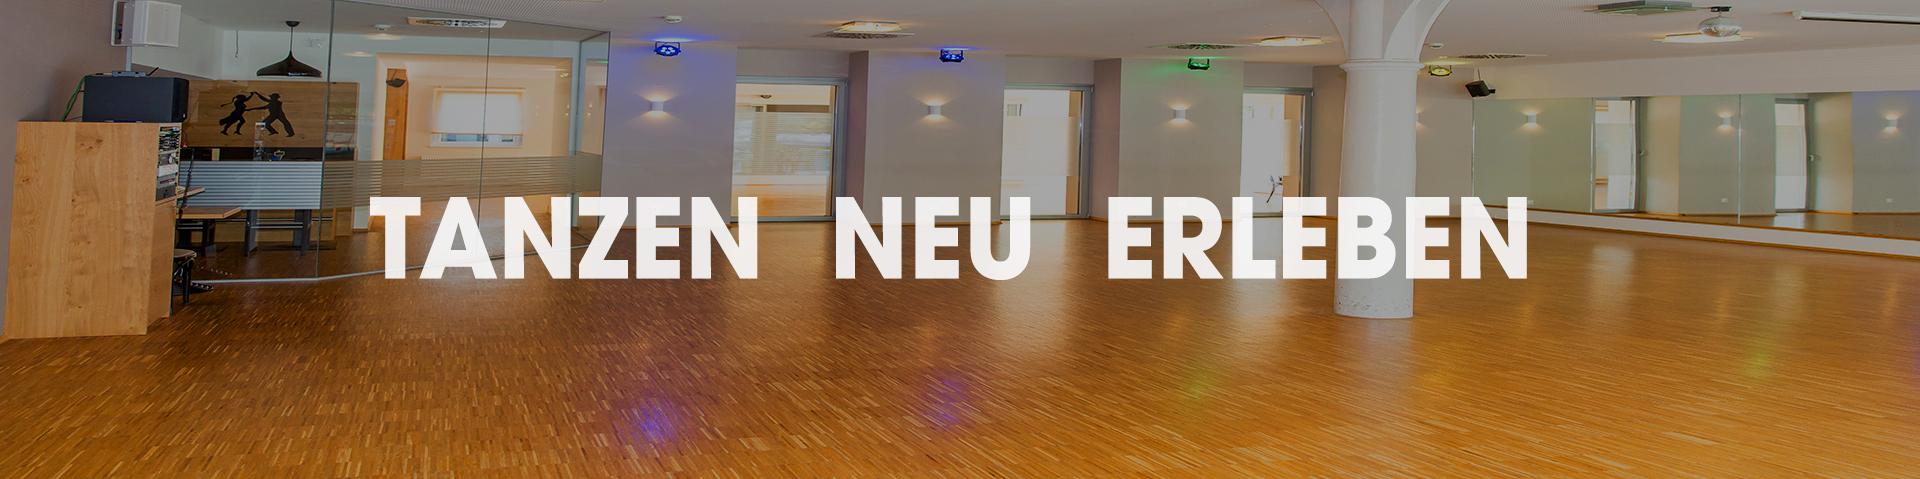 Tanzen neu erleben